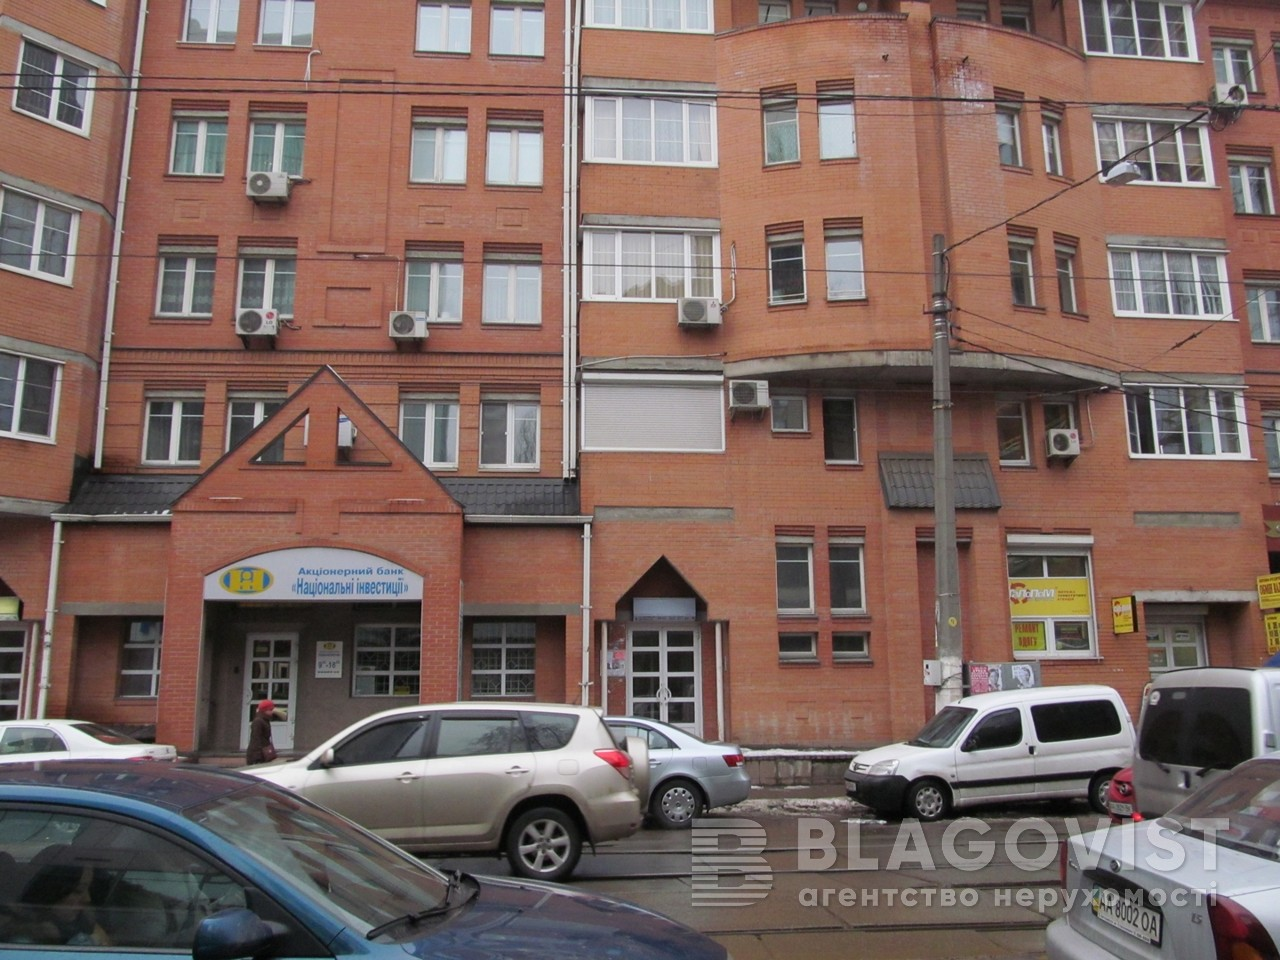 Квартира H-3700, Дмитриевская, 15-17, Киев - Фото 2